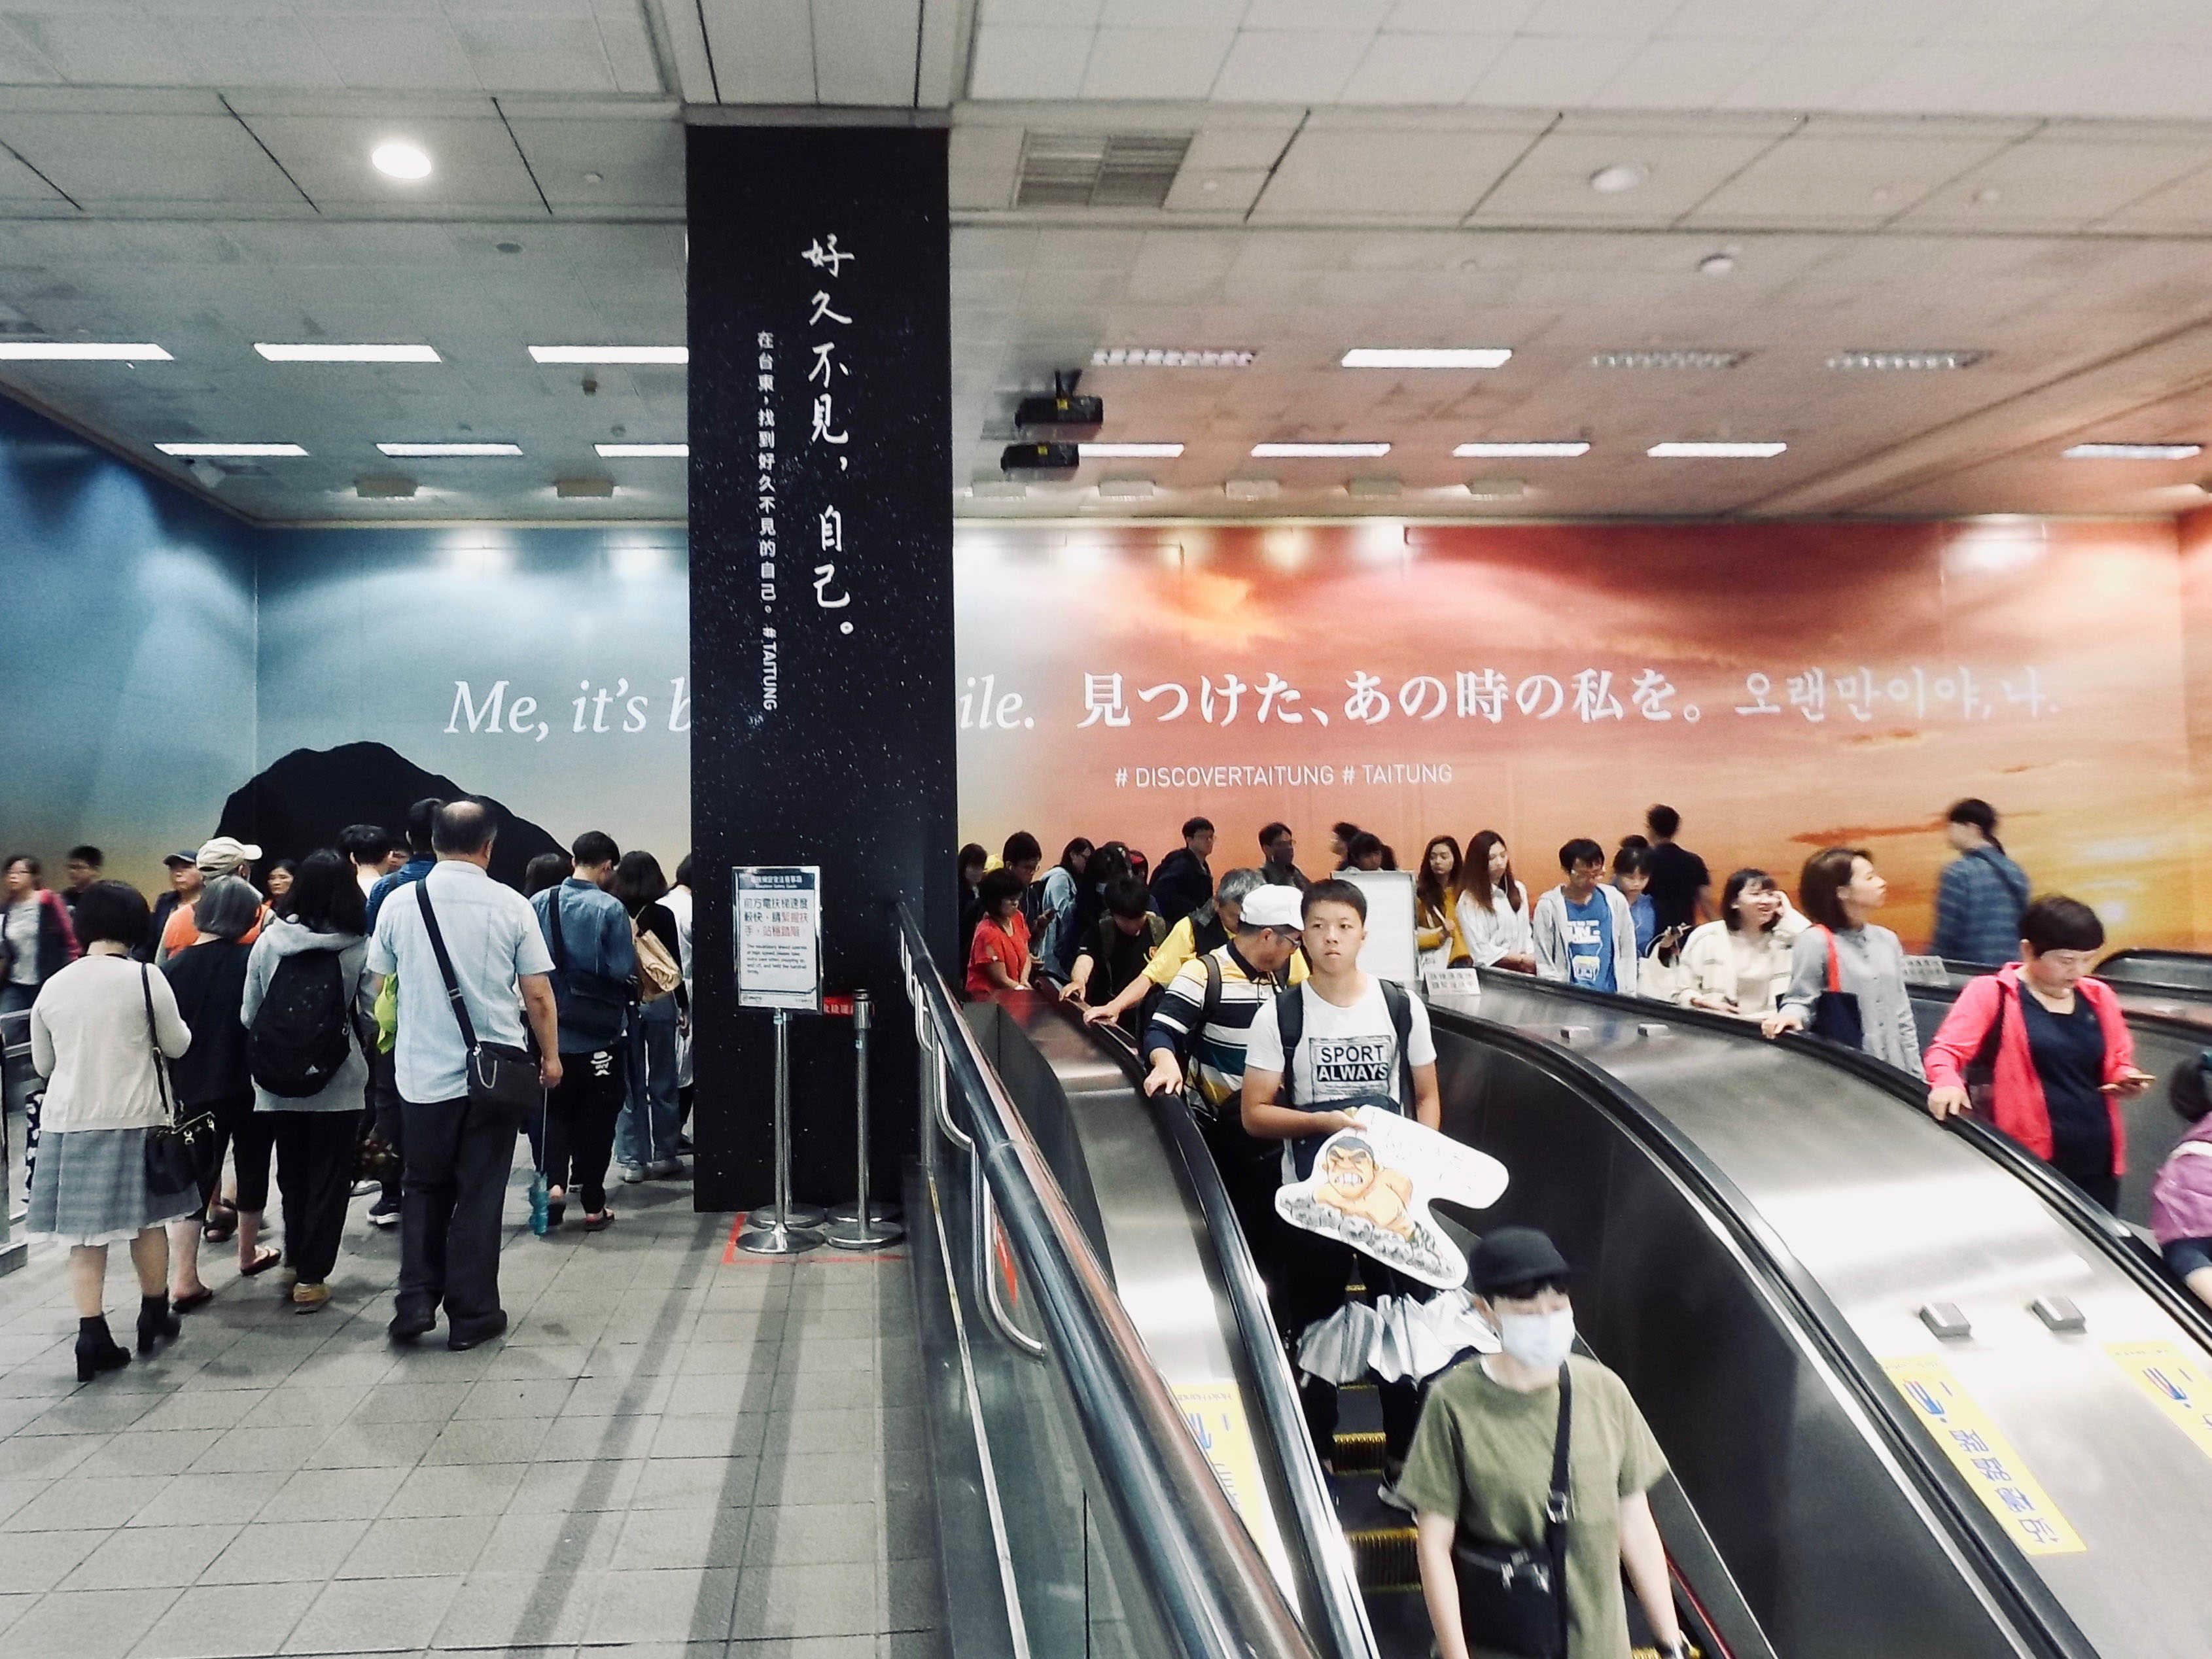 台北捷運遇見不一樣的台東!解構台東印象、邀人重新發現自己。